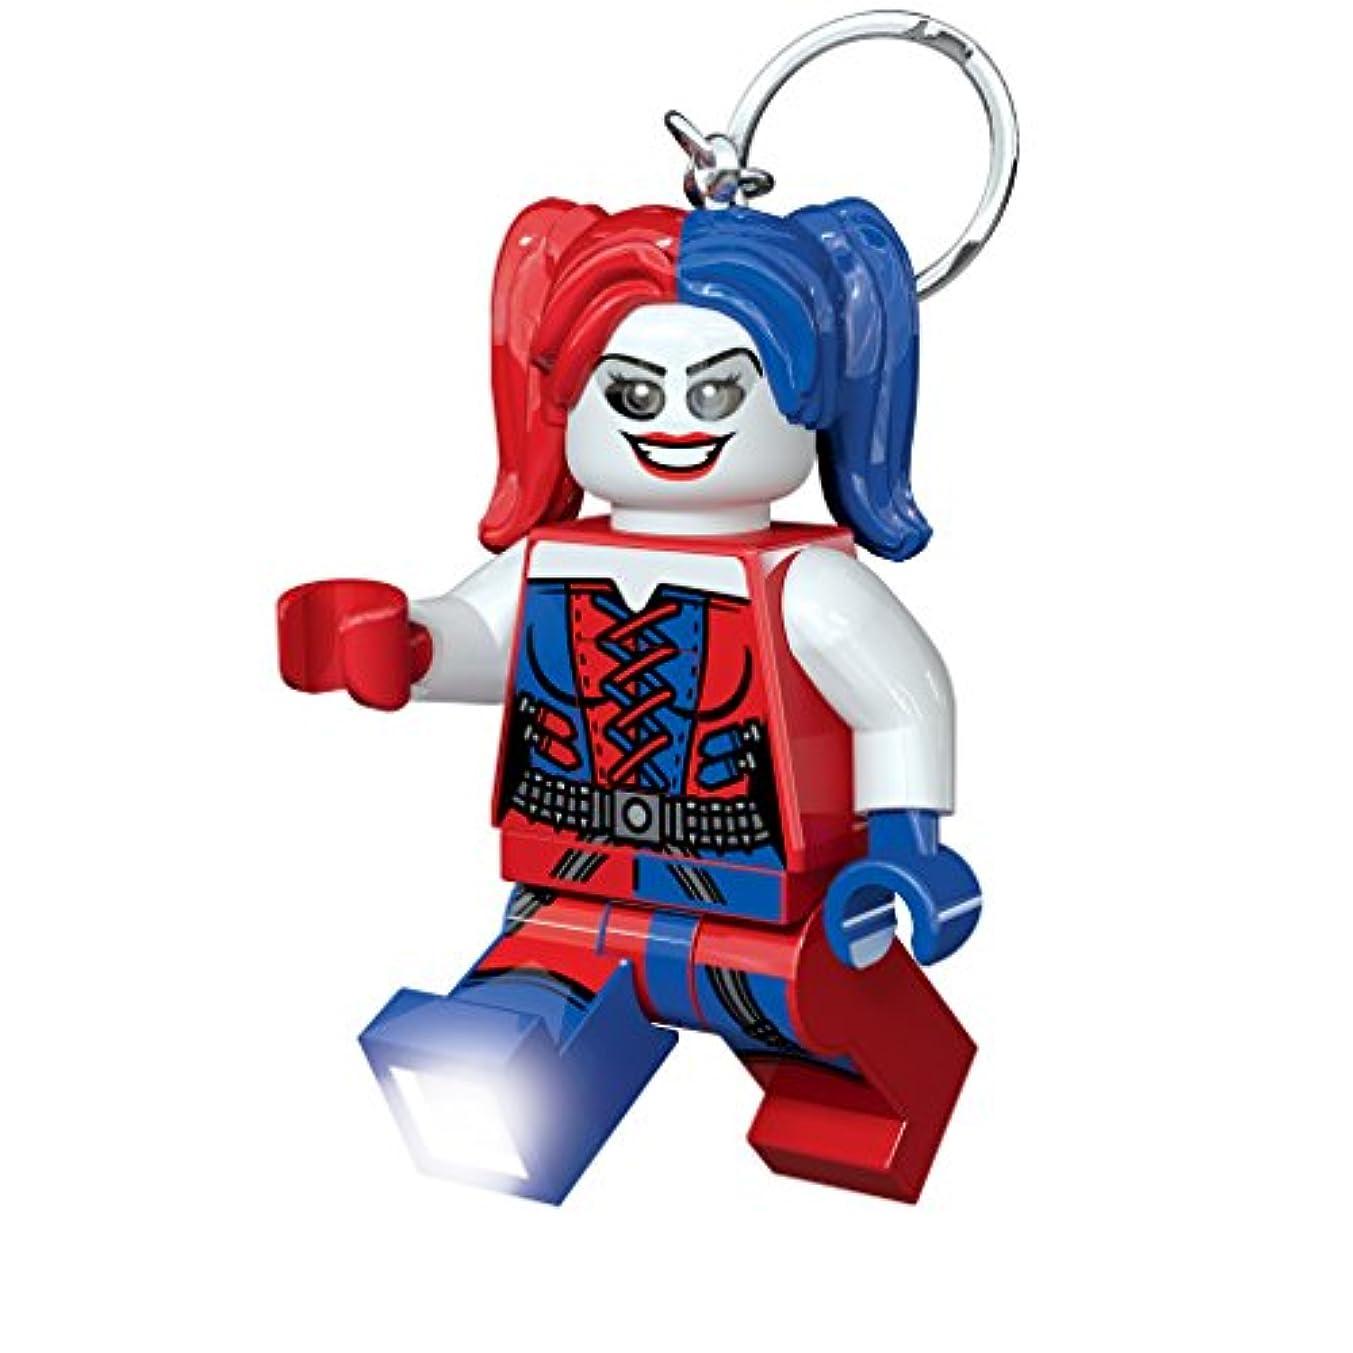 主権者代数ヒゲ(レゴ)LEGO ハーレイ/クインキーライト 37413